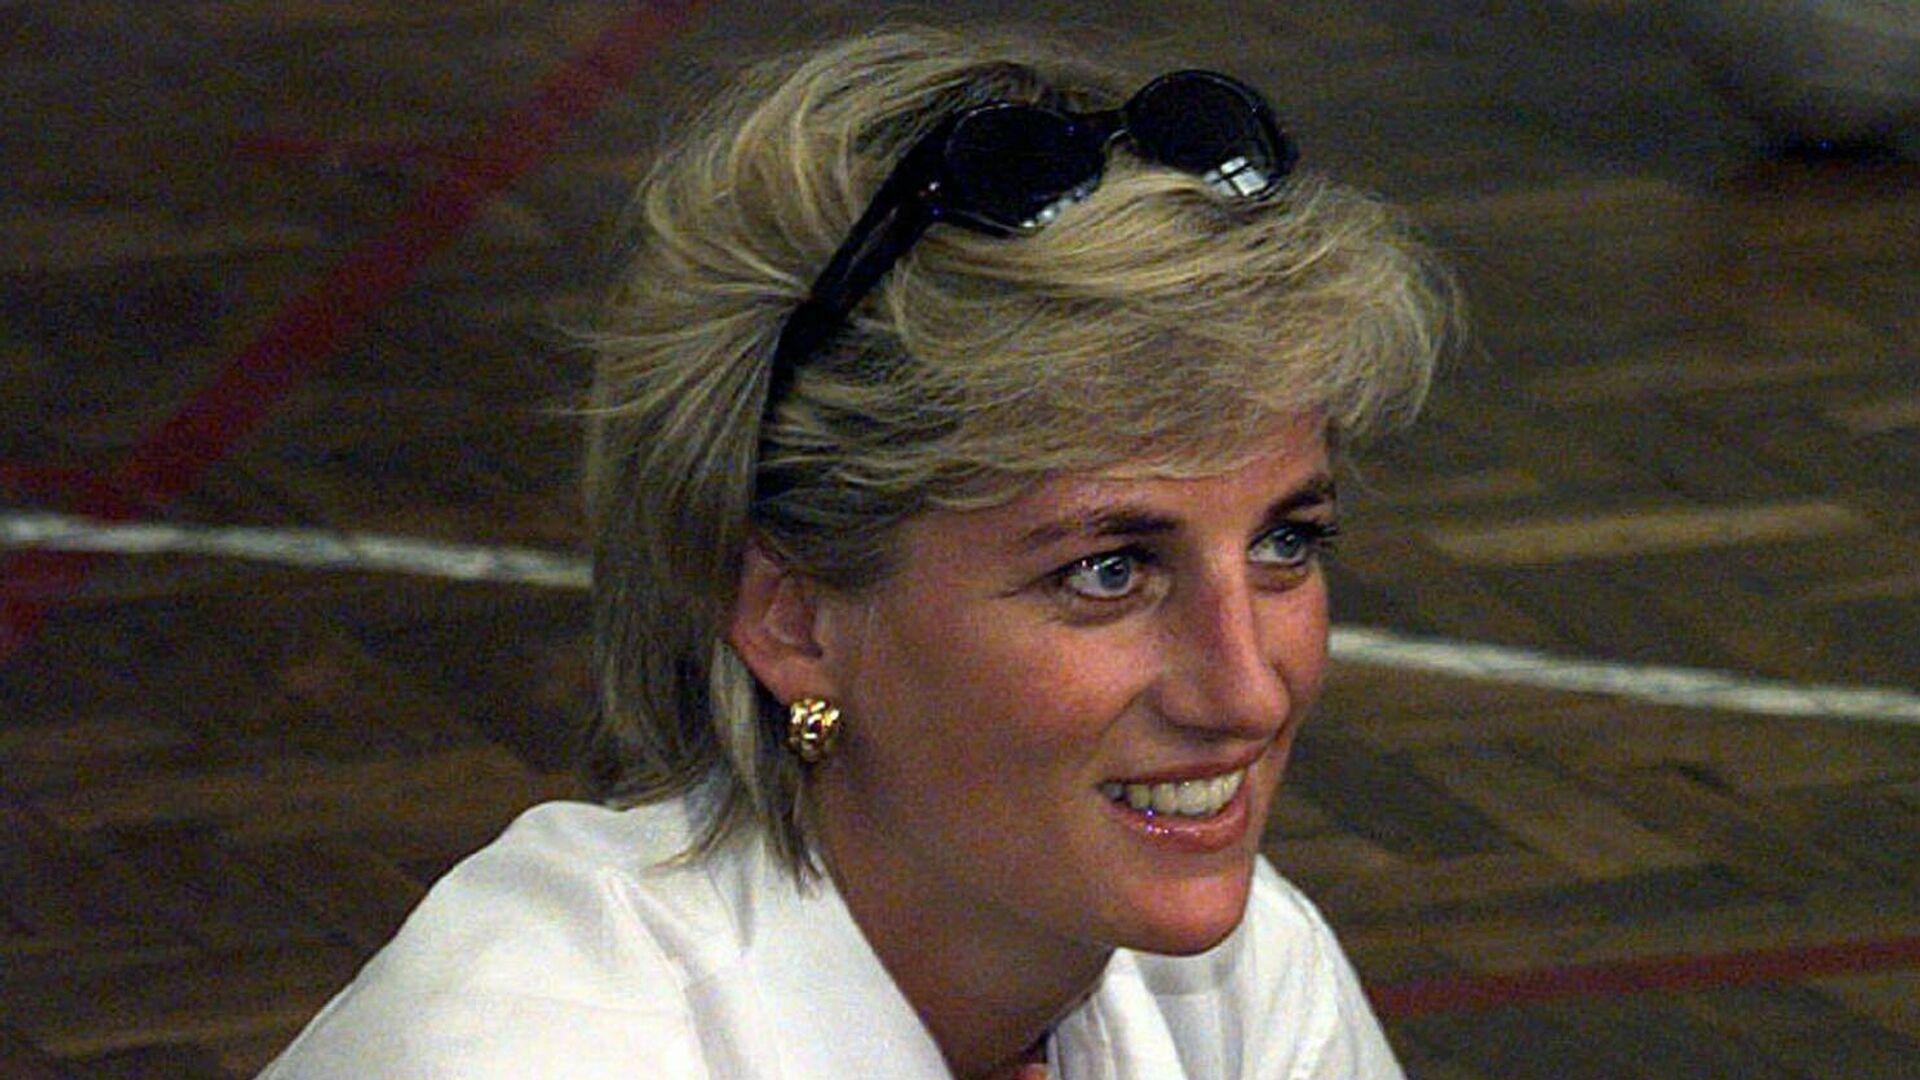 La princesa Diana en agosto de 1997 - Sputnik Mundo, 1920, 23.06.2021